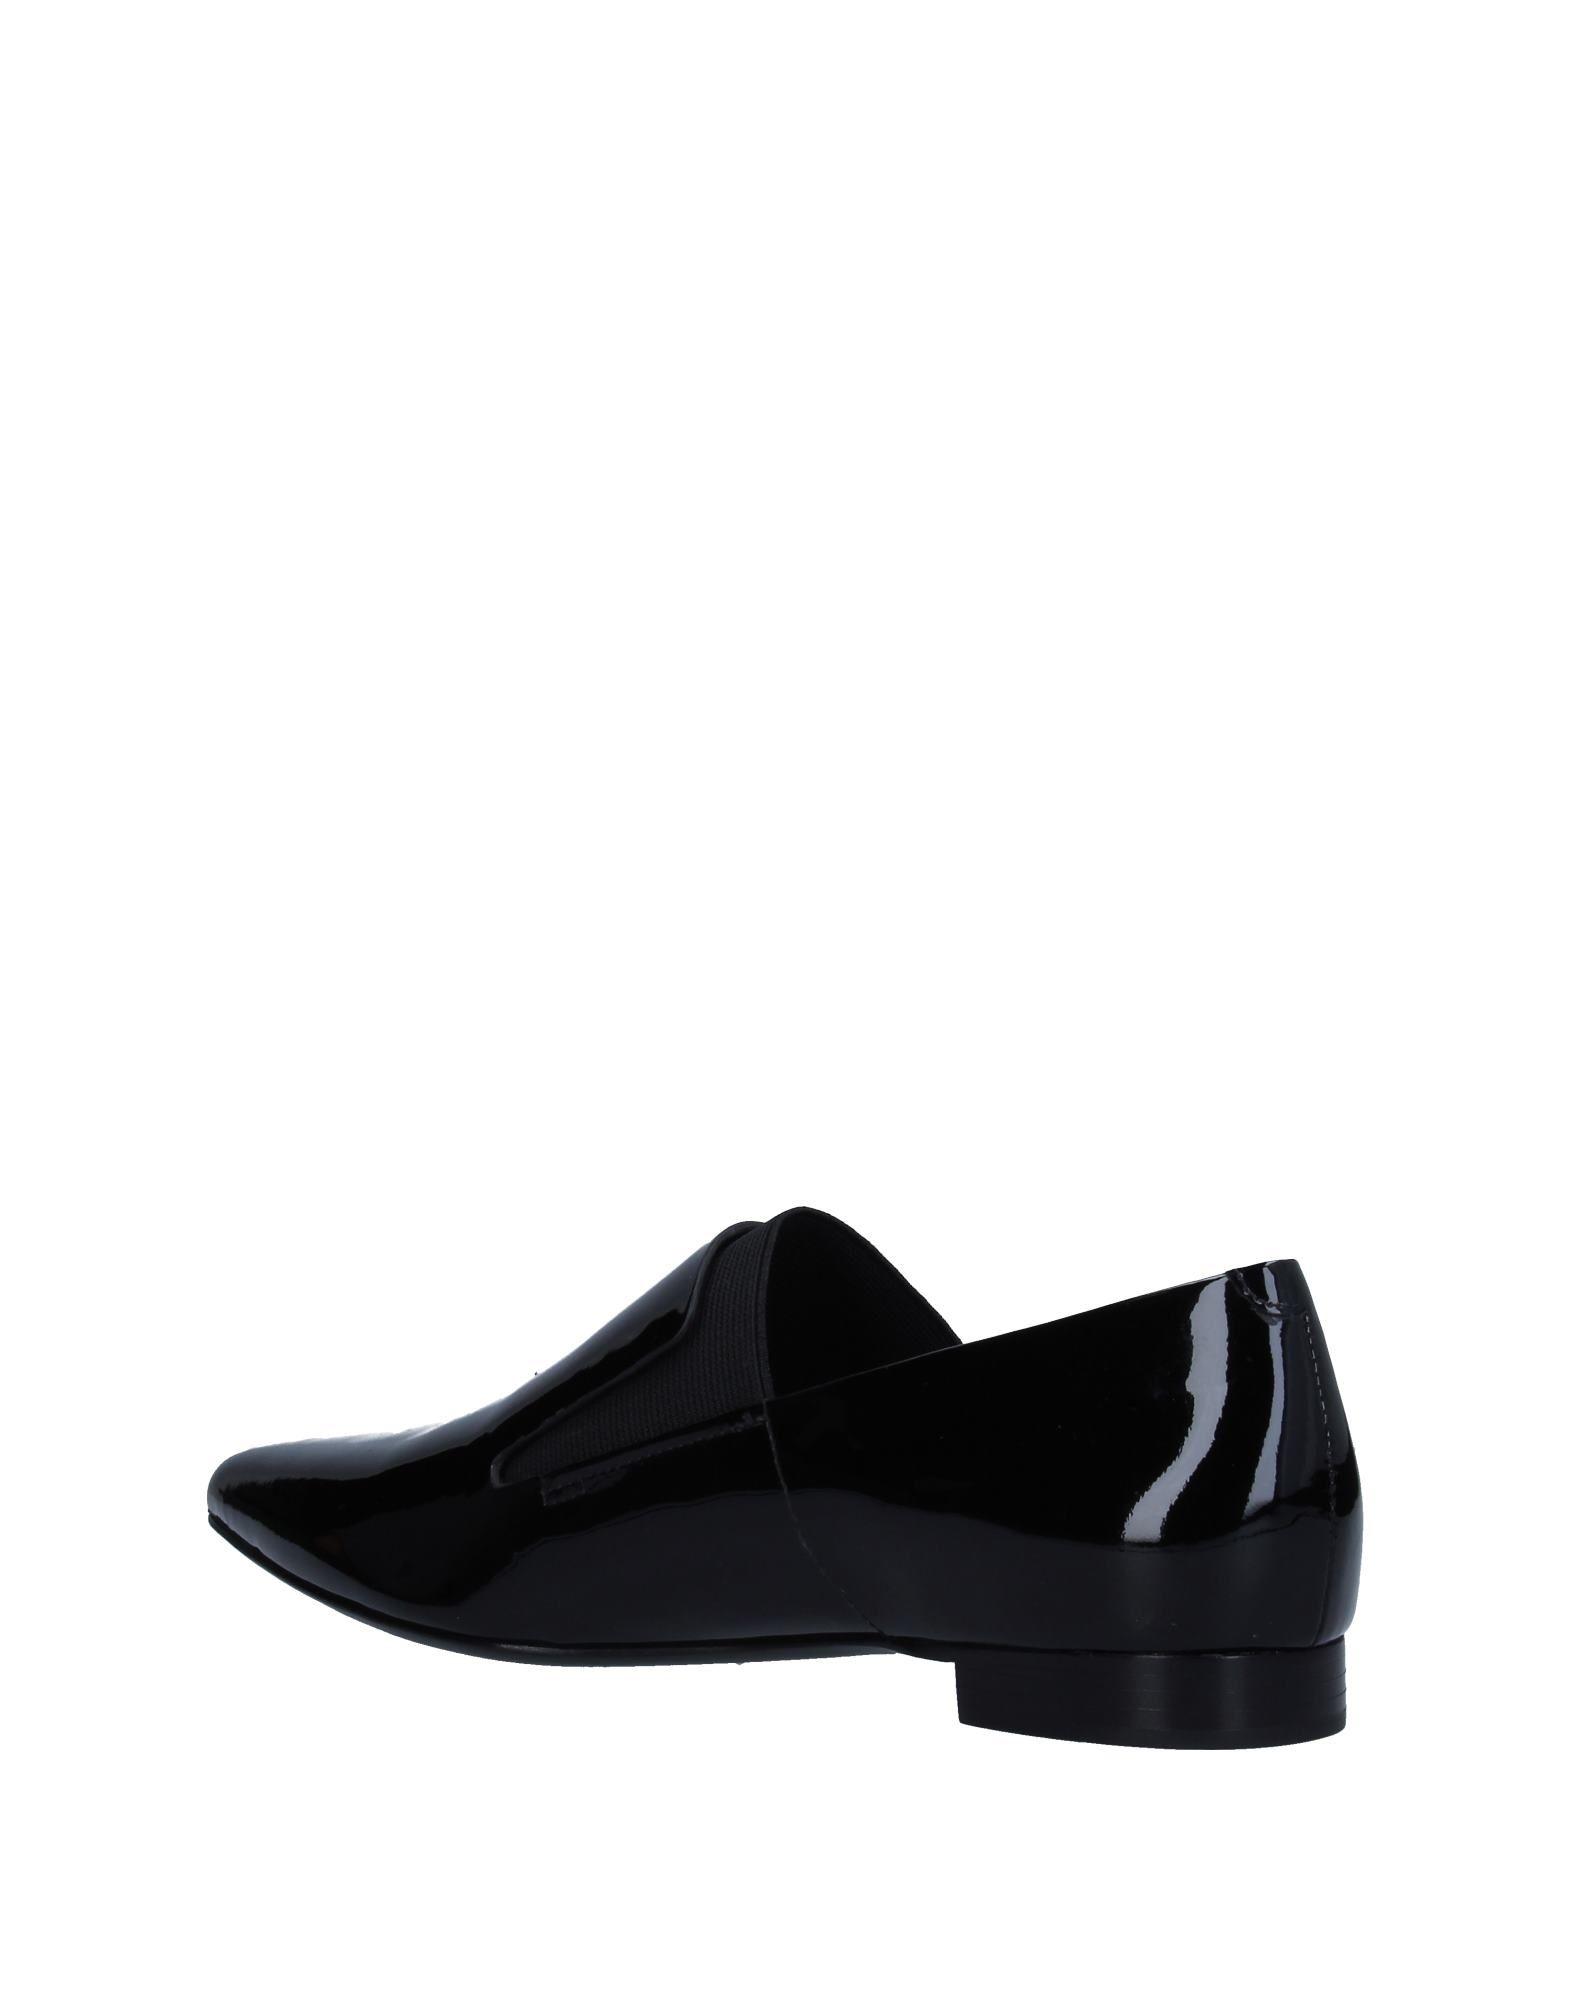 Alexander Wang Mokassins Damen  11339257DHGünstige gut aussehende Schuhe